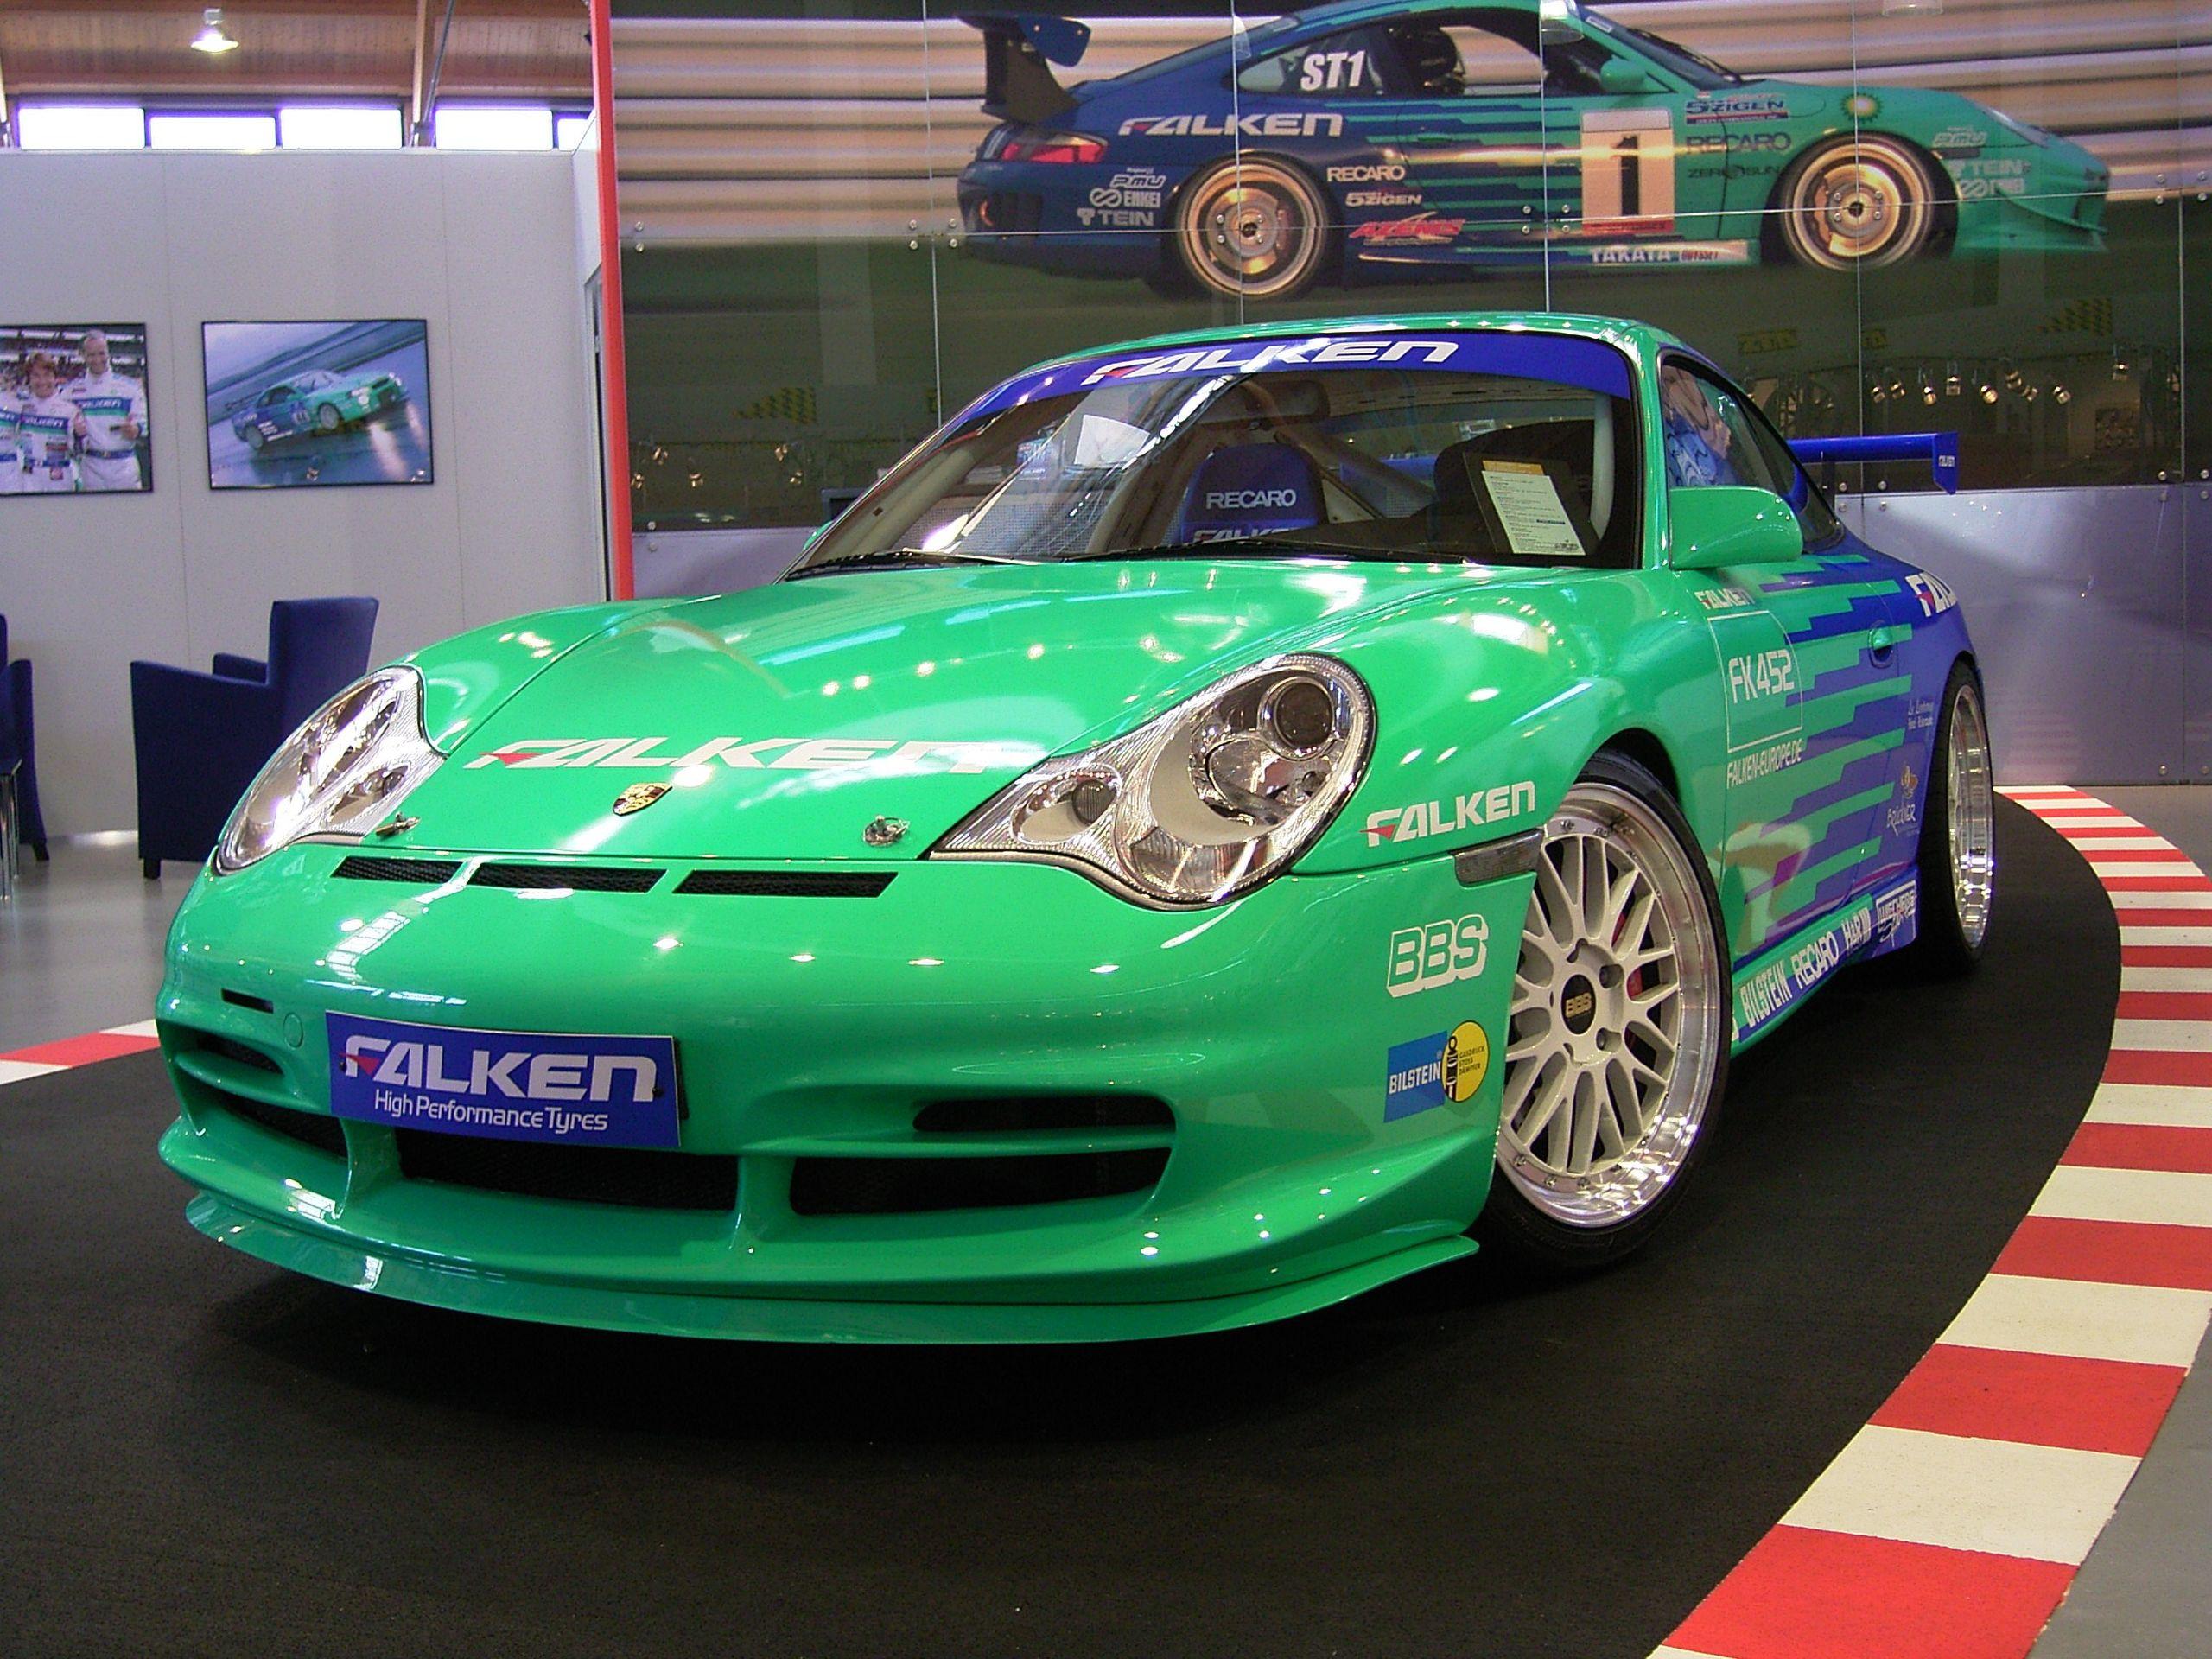 BBS ga seg ikke, og har fortsatt og produsert felger. Her avbildet på en Porsche 996.